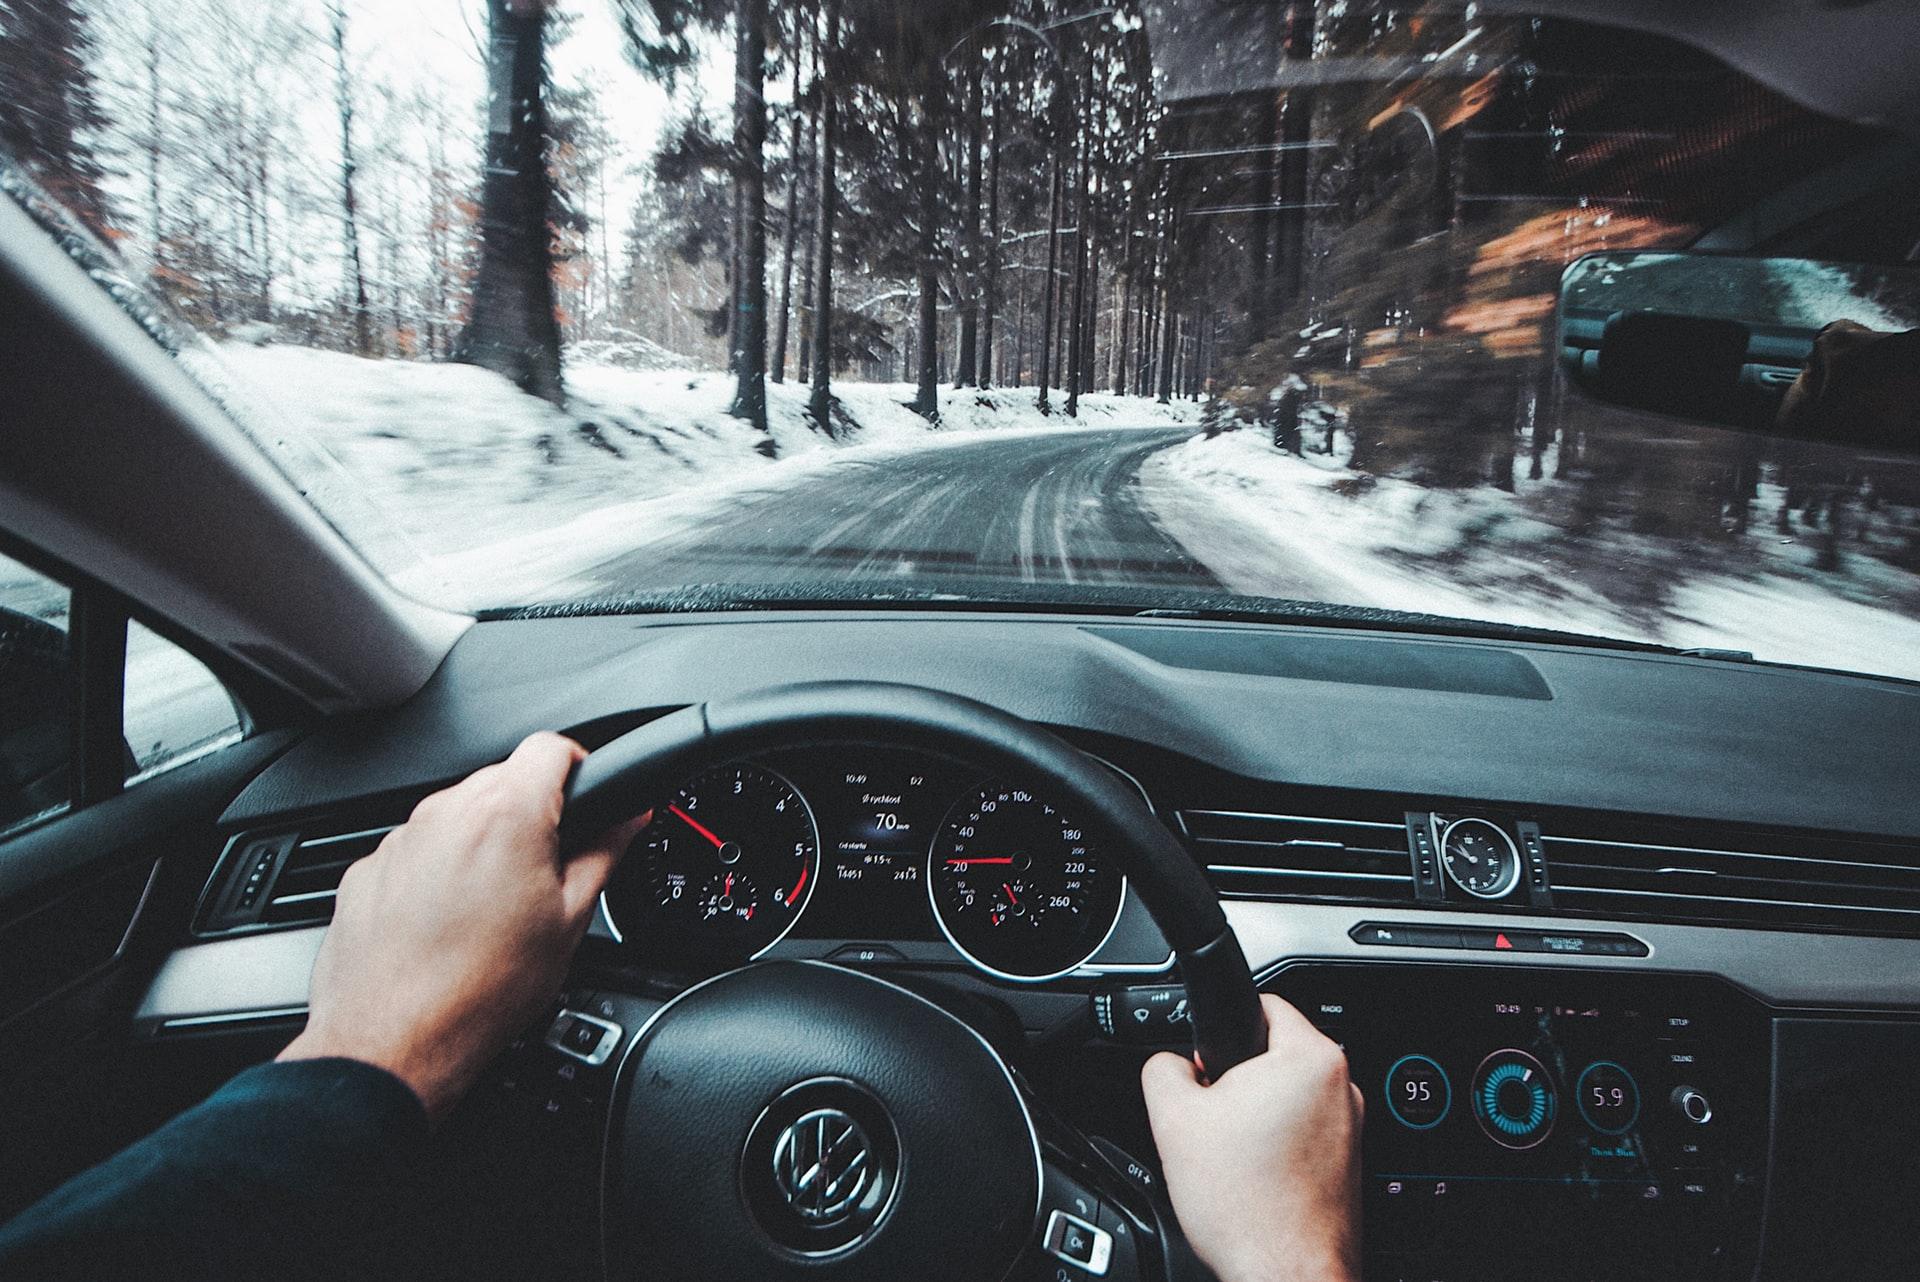 Fiabilitatea: de ce este un criteriu important când alegi o mașină și cum îl urmărești (P)